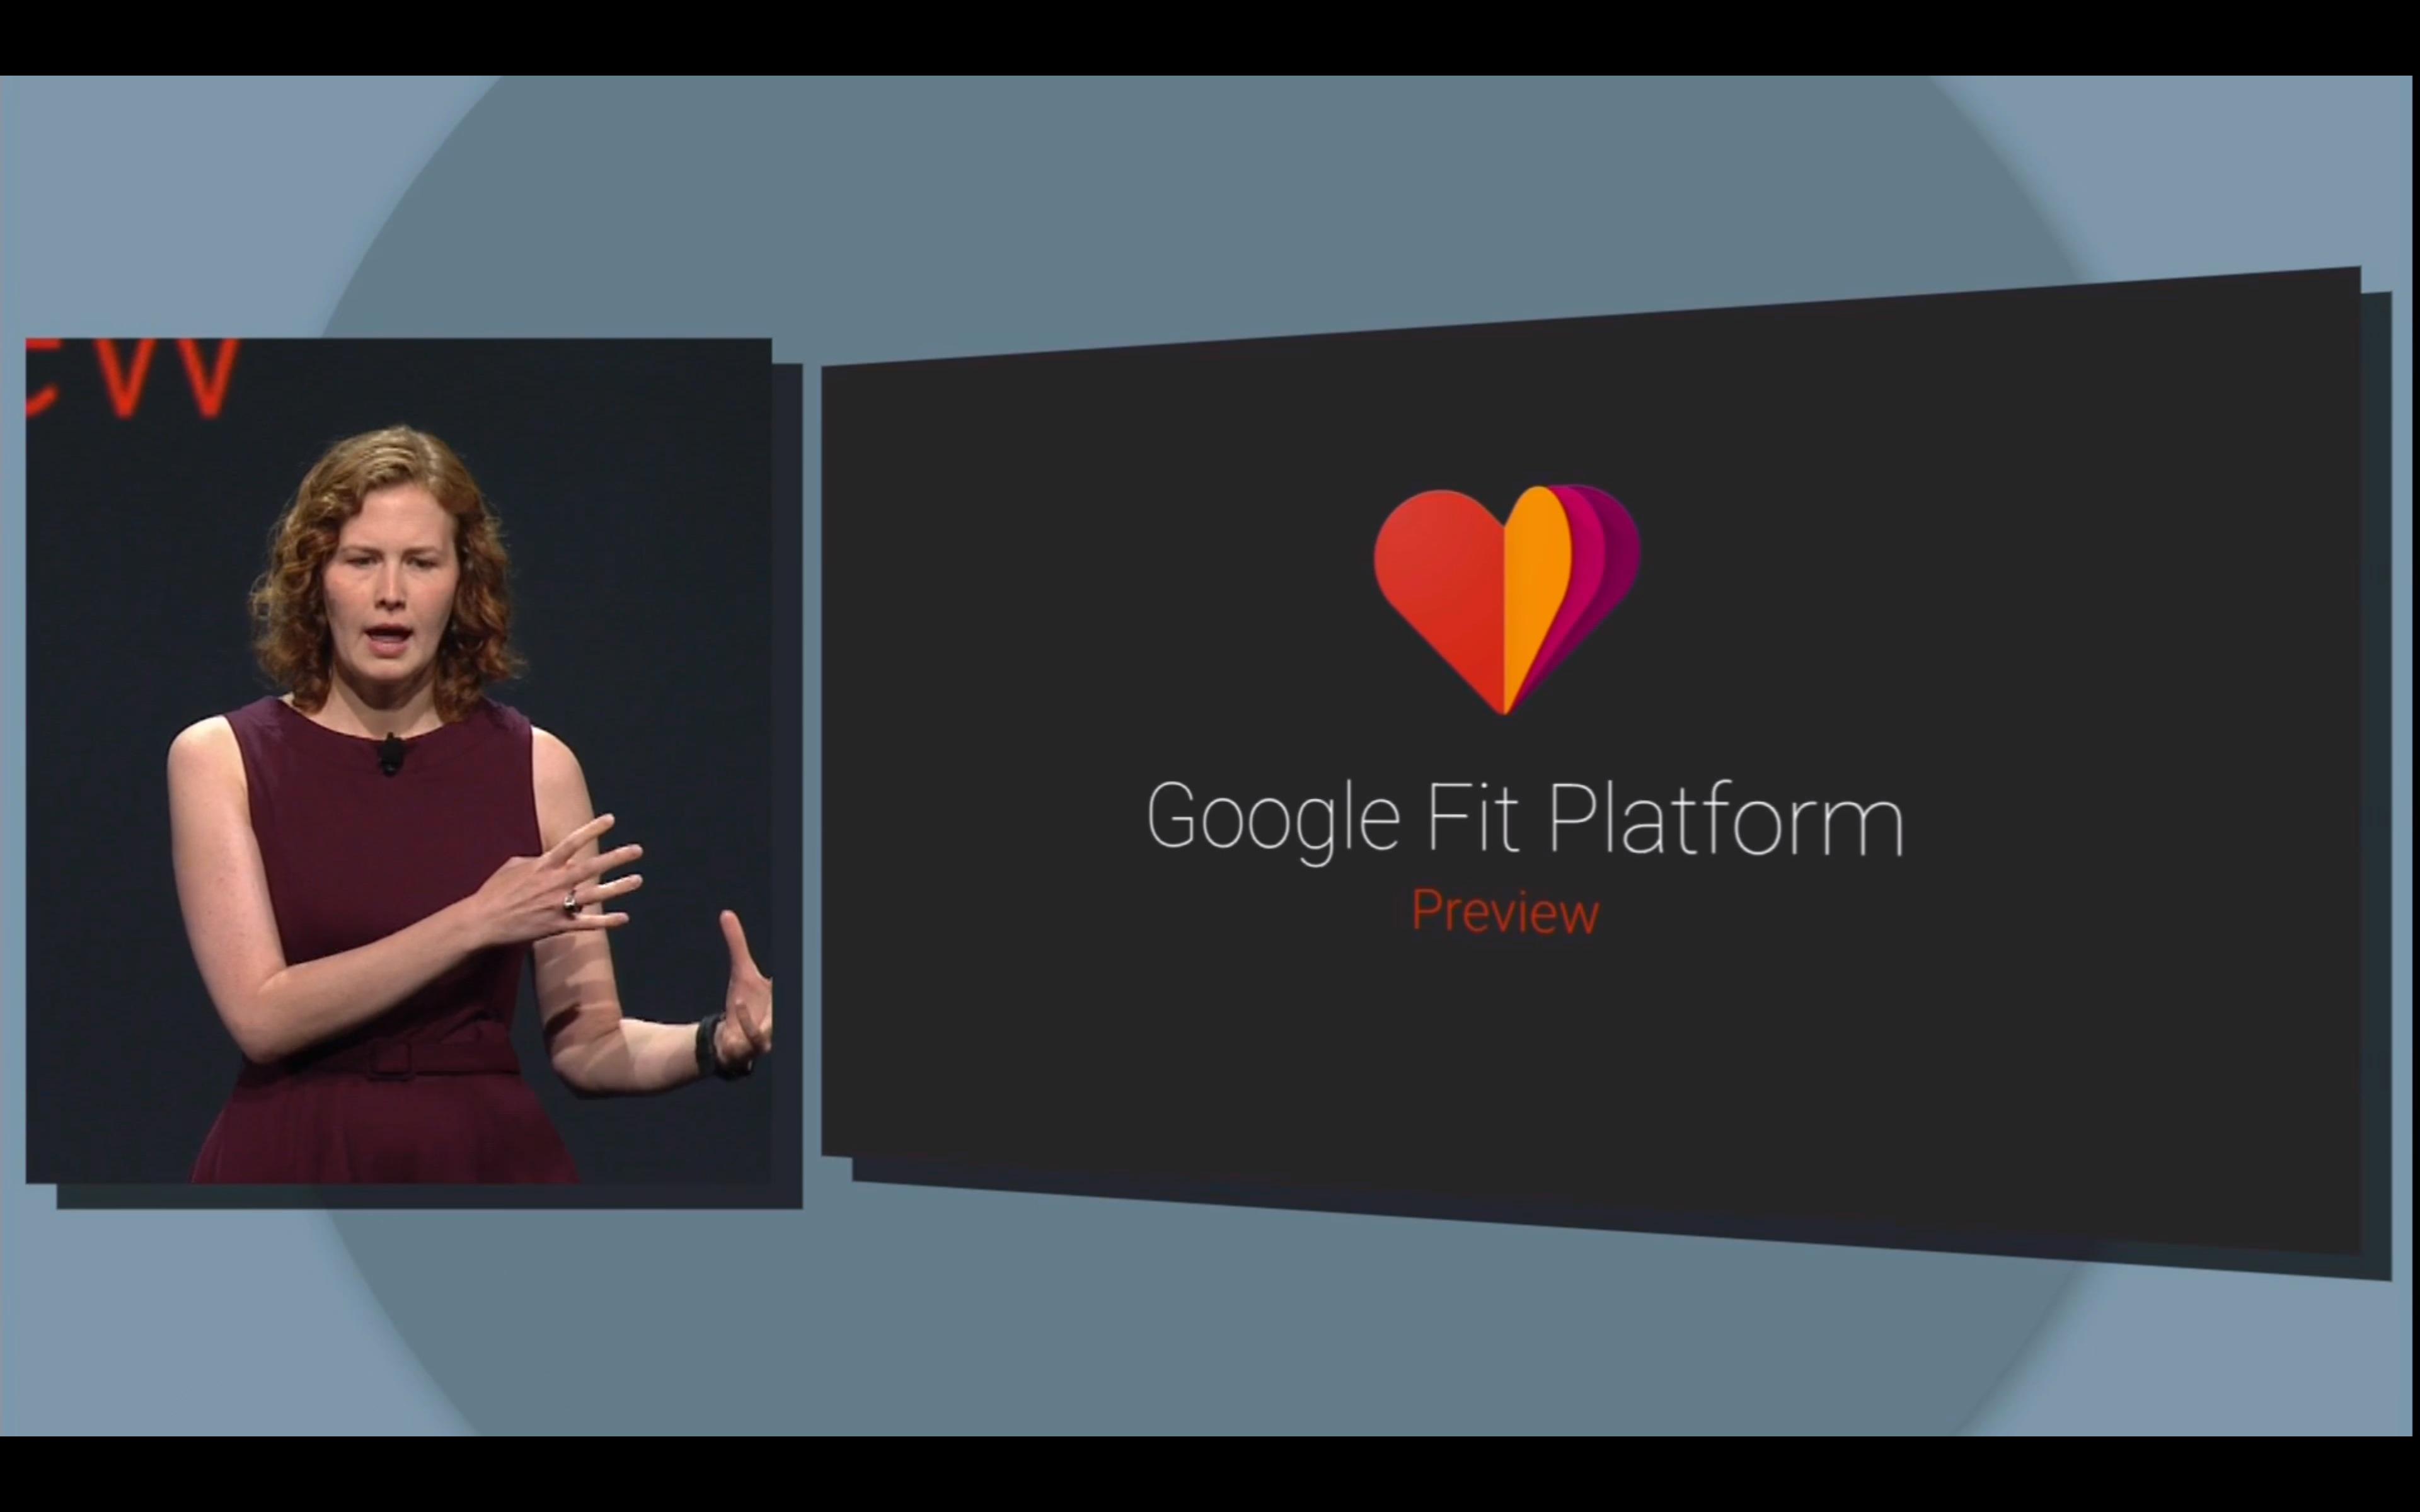 غوغل تعلن عن المنصة الصحية 1Google Fit